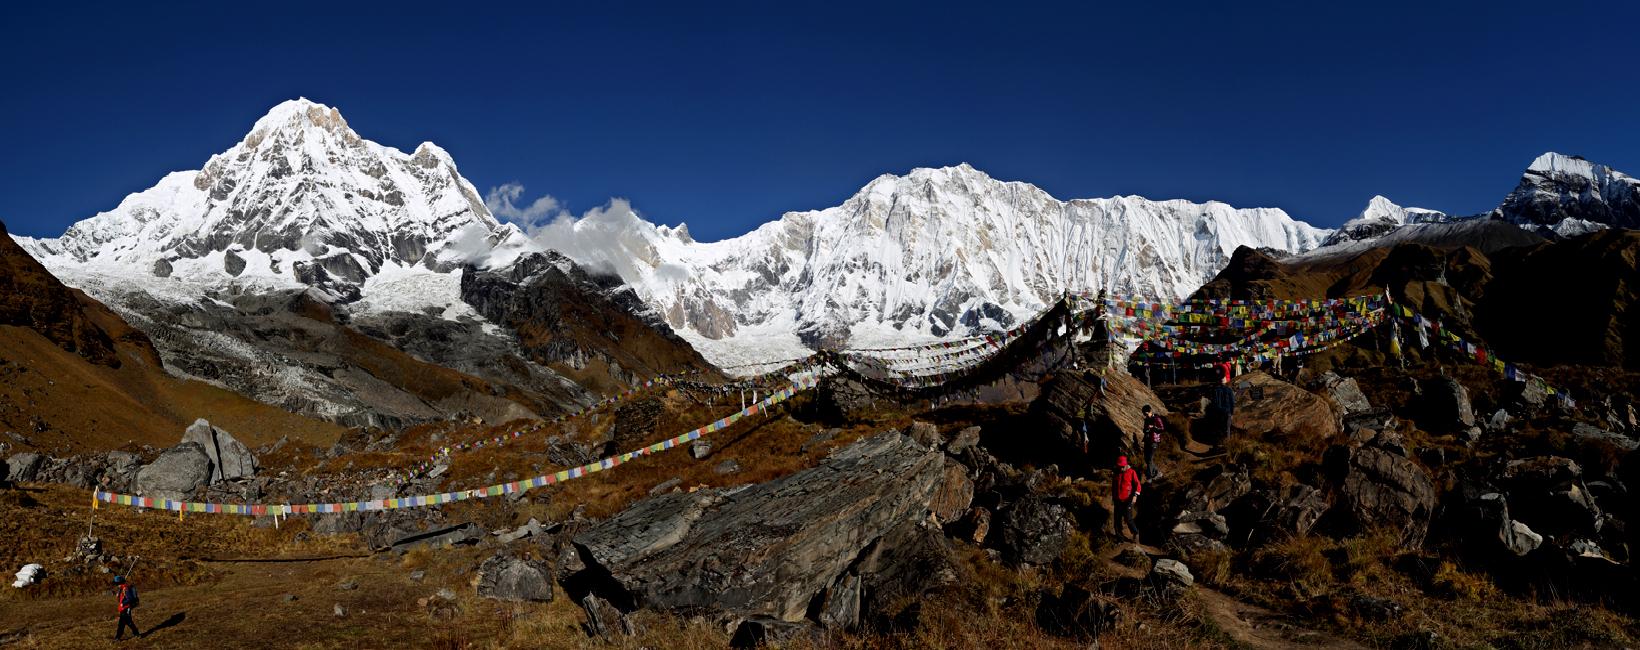 Annapurna Base Camp   Annapurna Sanctuary Trek